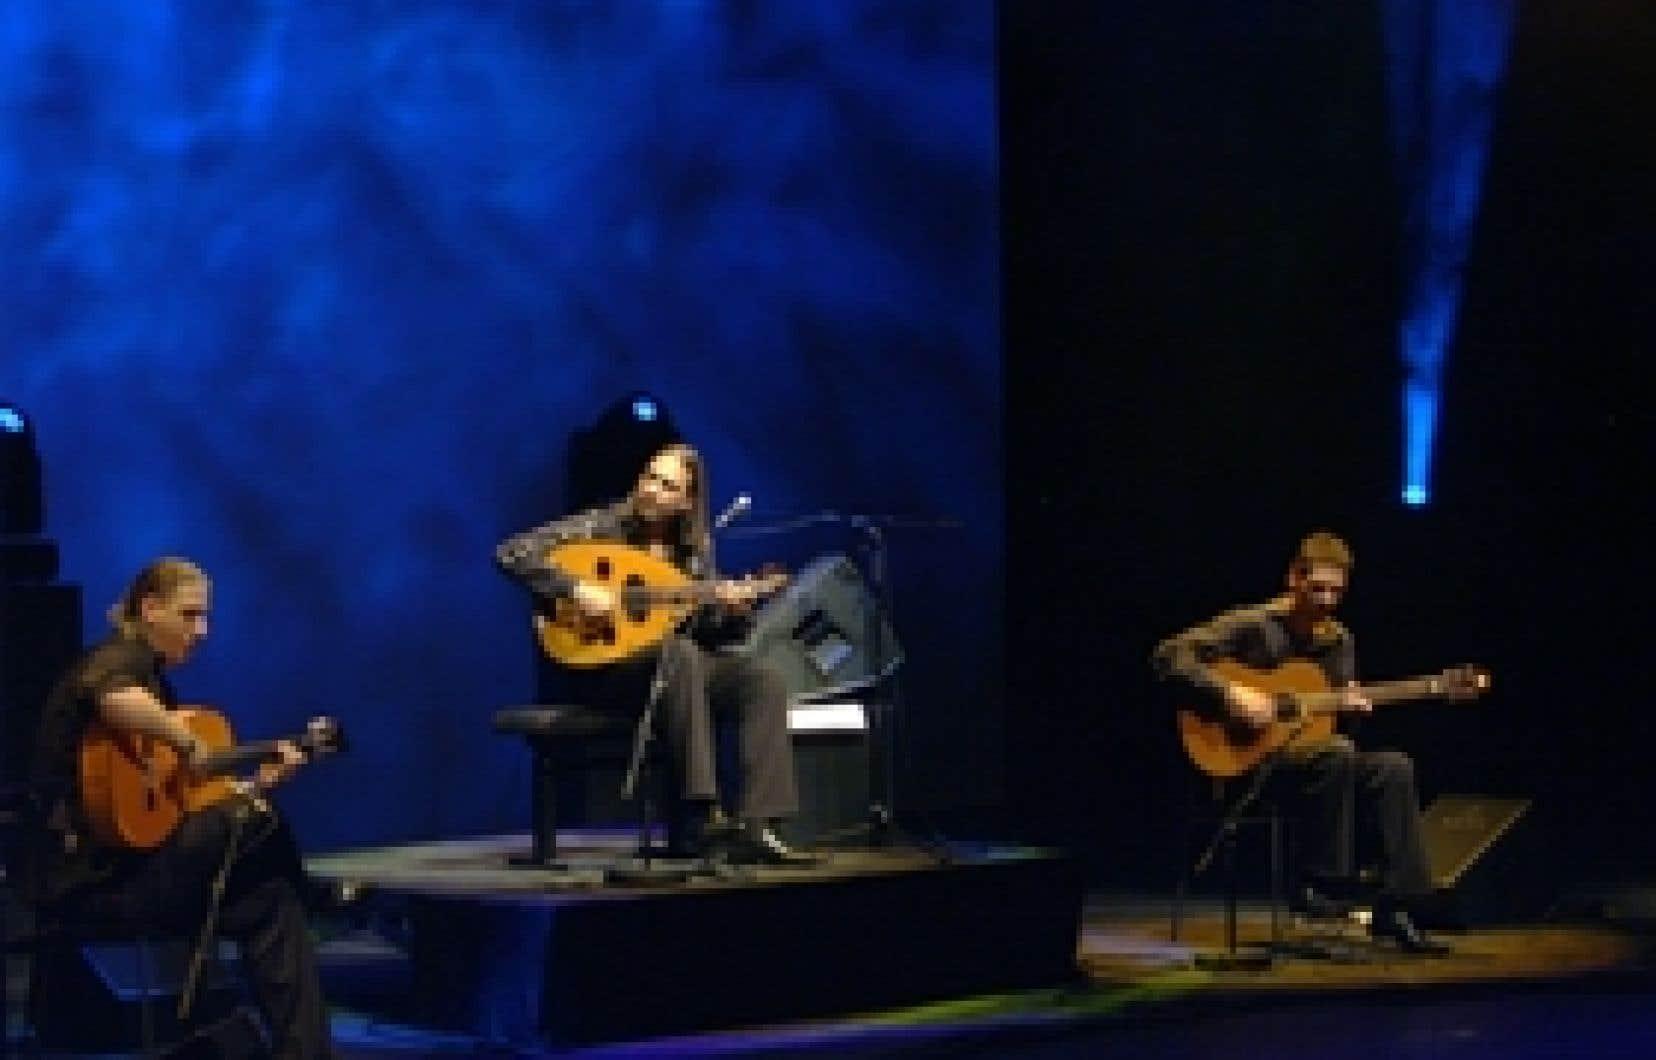 Maqam flamenco, réunit la diva Farida, l'Ensemble du maqam irakien, Omar Bashir, Turo Andras et Petz Balint, ainsi qu'avec l'orchestre montréalais Okto Echo.